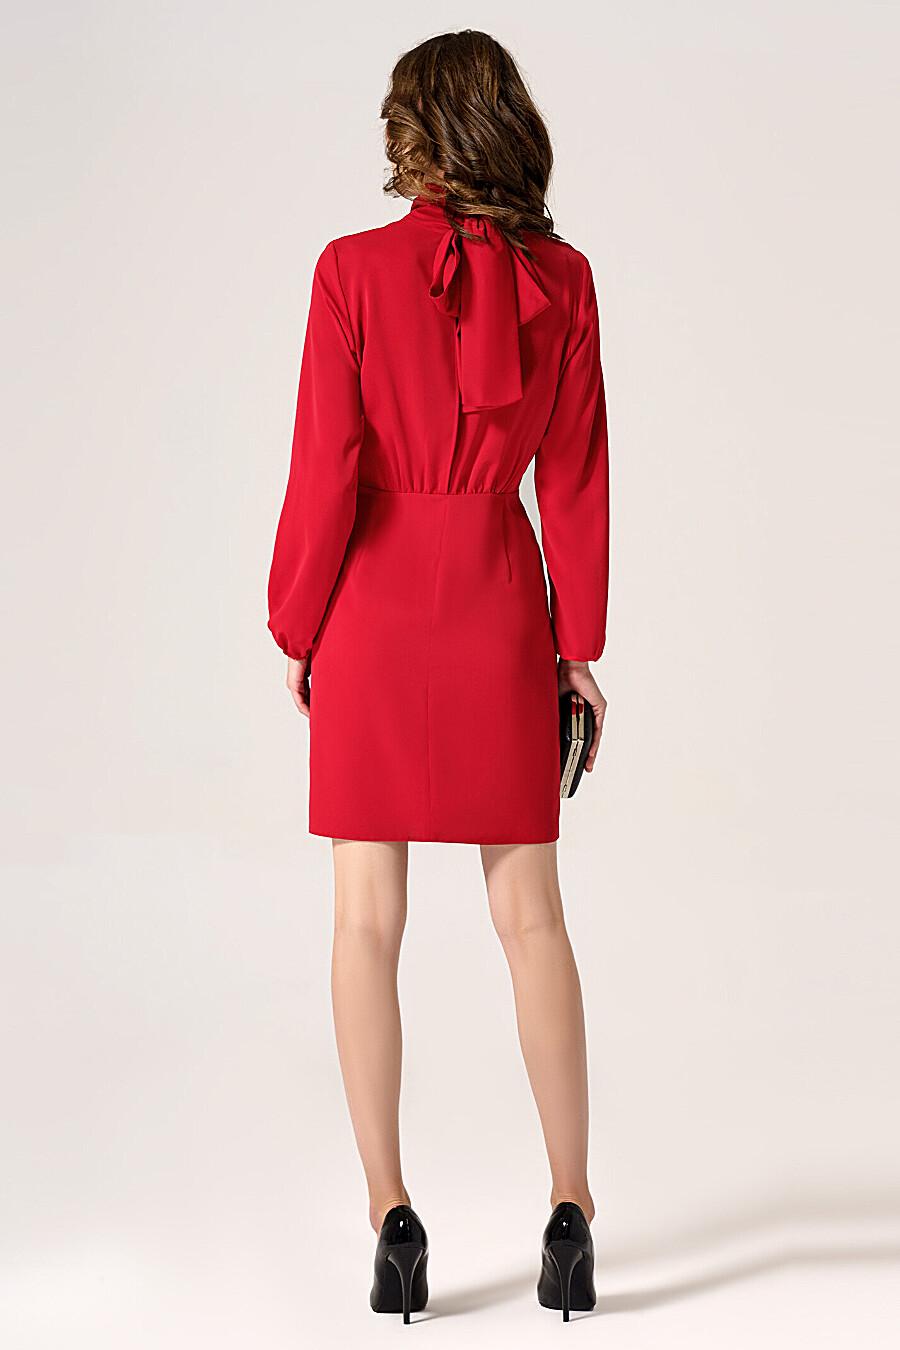 Платье для женщин PANDA 700494 купить оптом от производителя. Совместная покупка женской одежды в OptMoyo